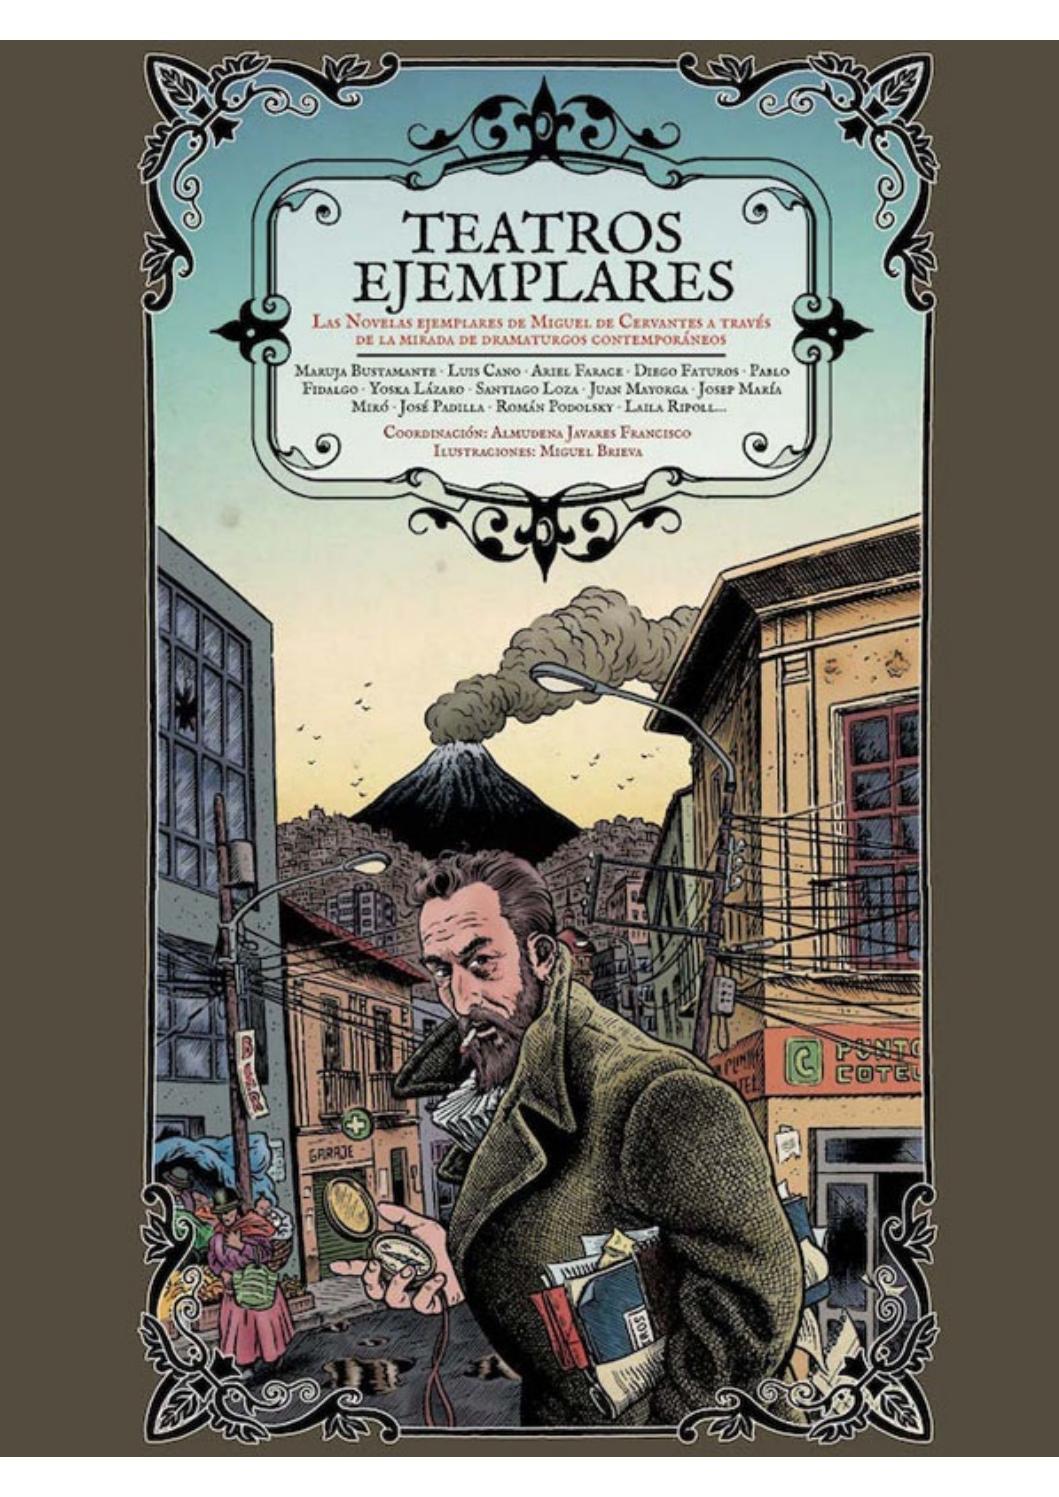 Teatros Ejemplares by AECID PUBLICACIONES - issuu 598cb6bc36d